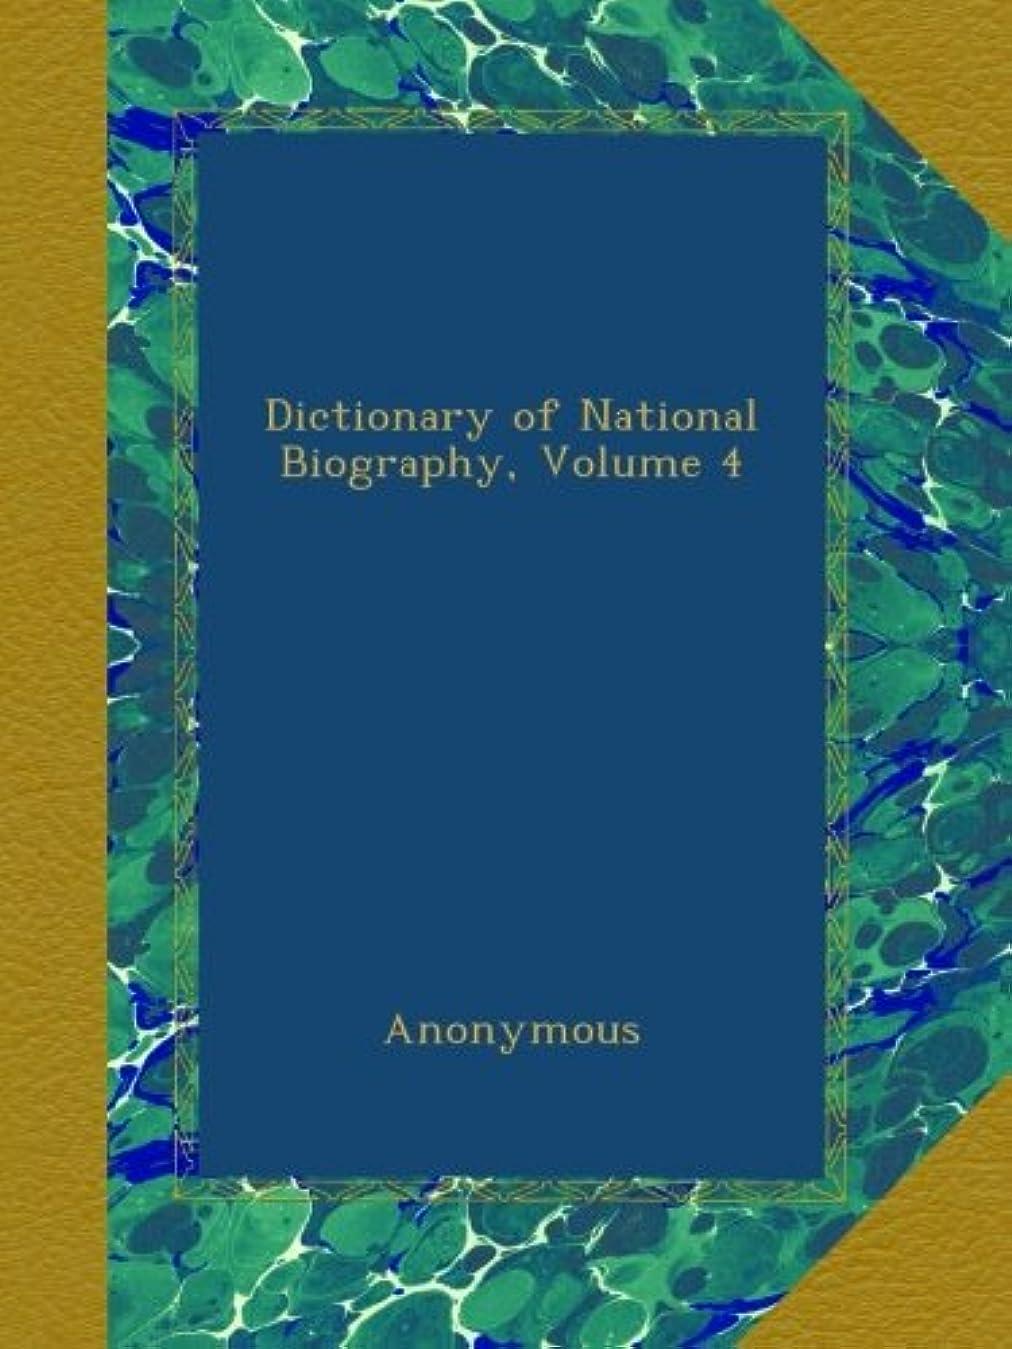 してはいけない補正再撮りDictionary of National Biography, Volume 4